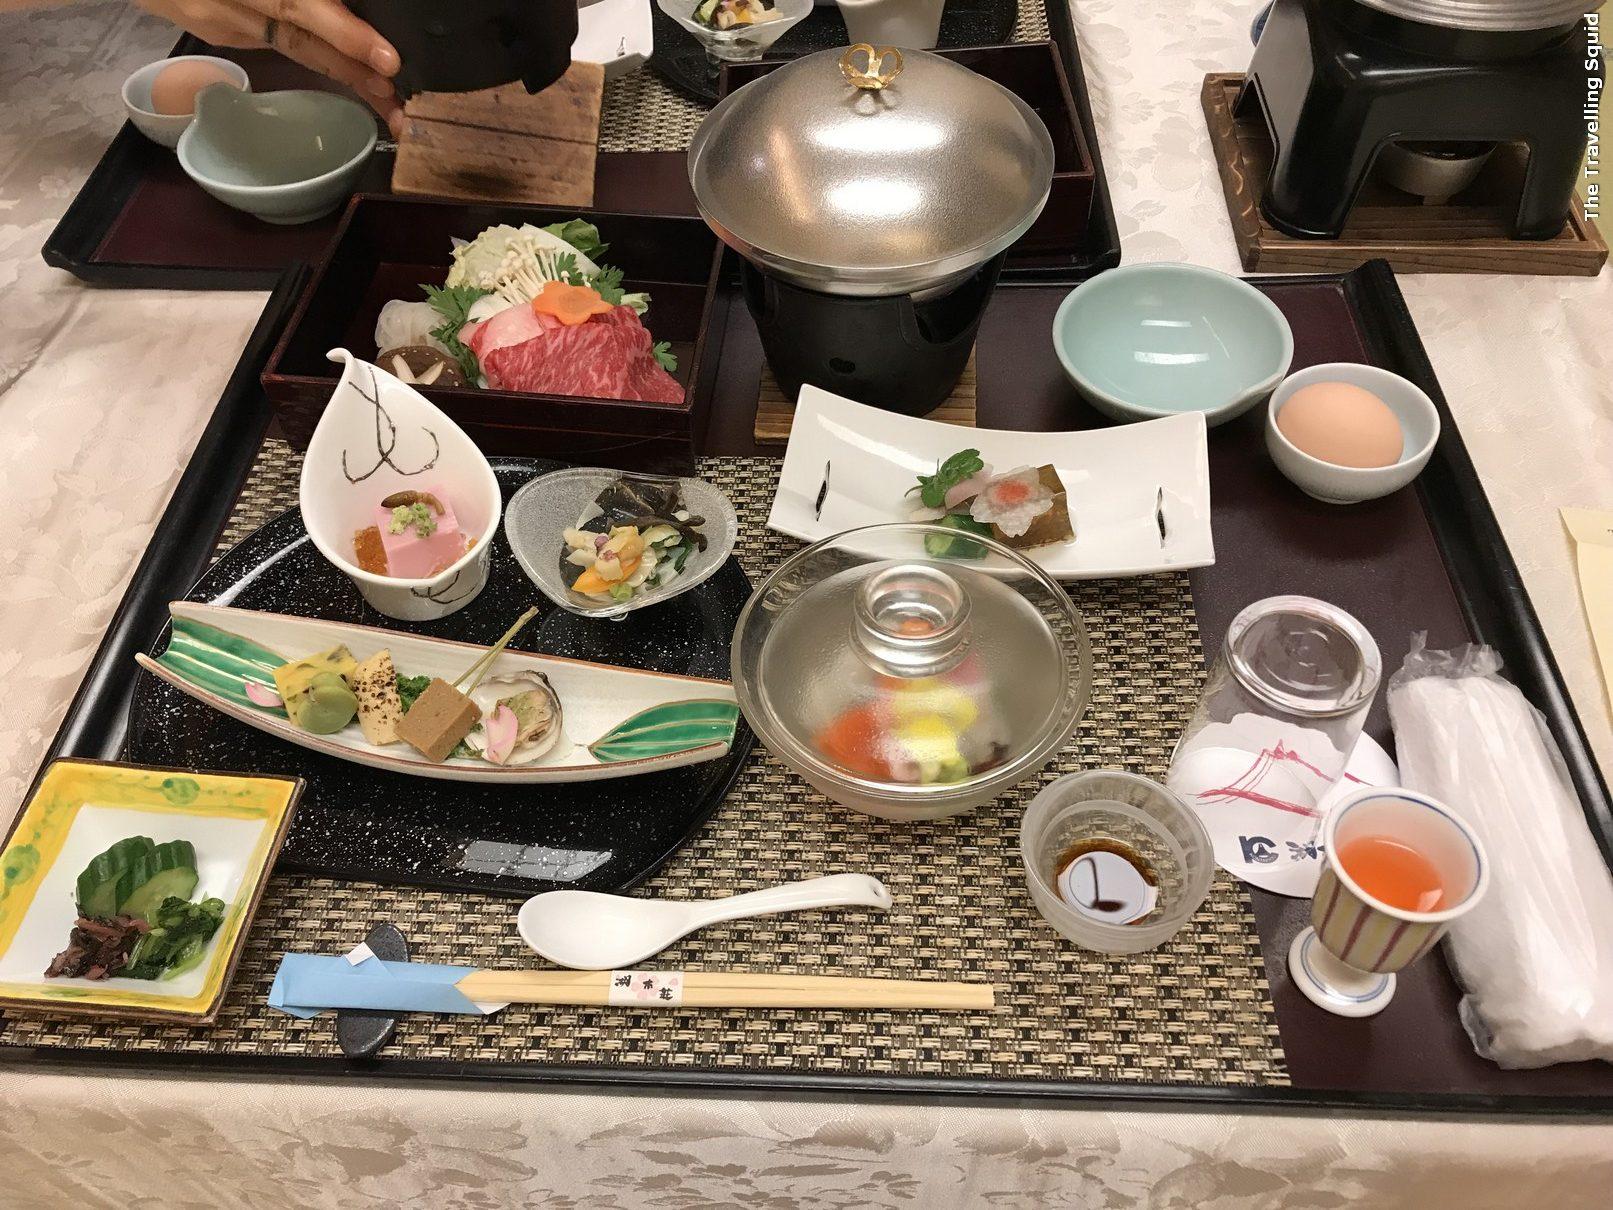 kaiseki dinner at Hotel Konanso in Kawaguchiko